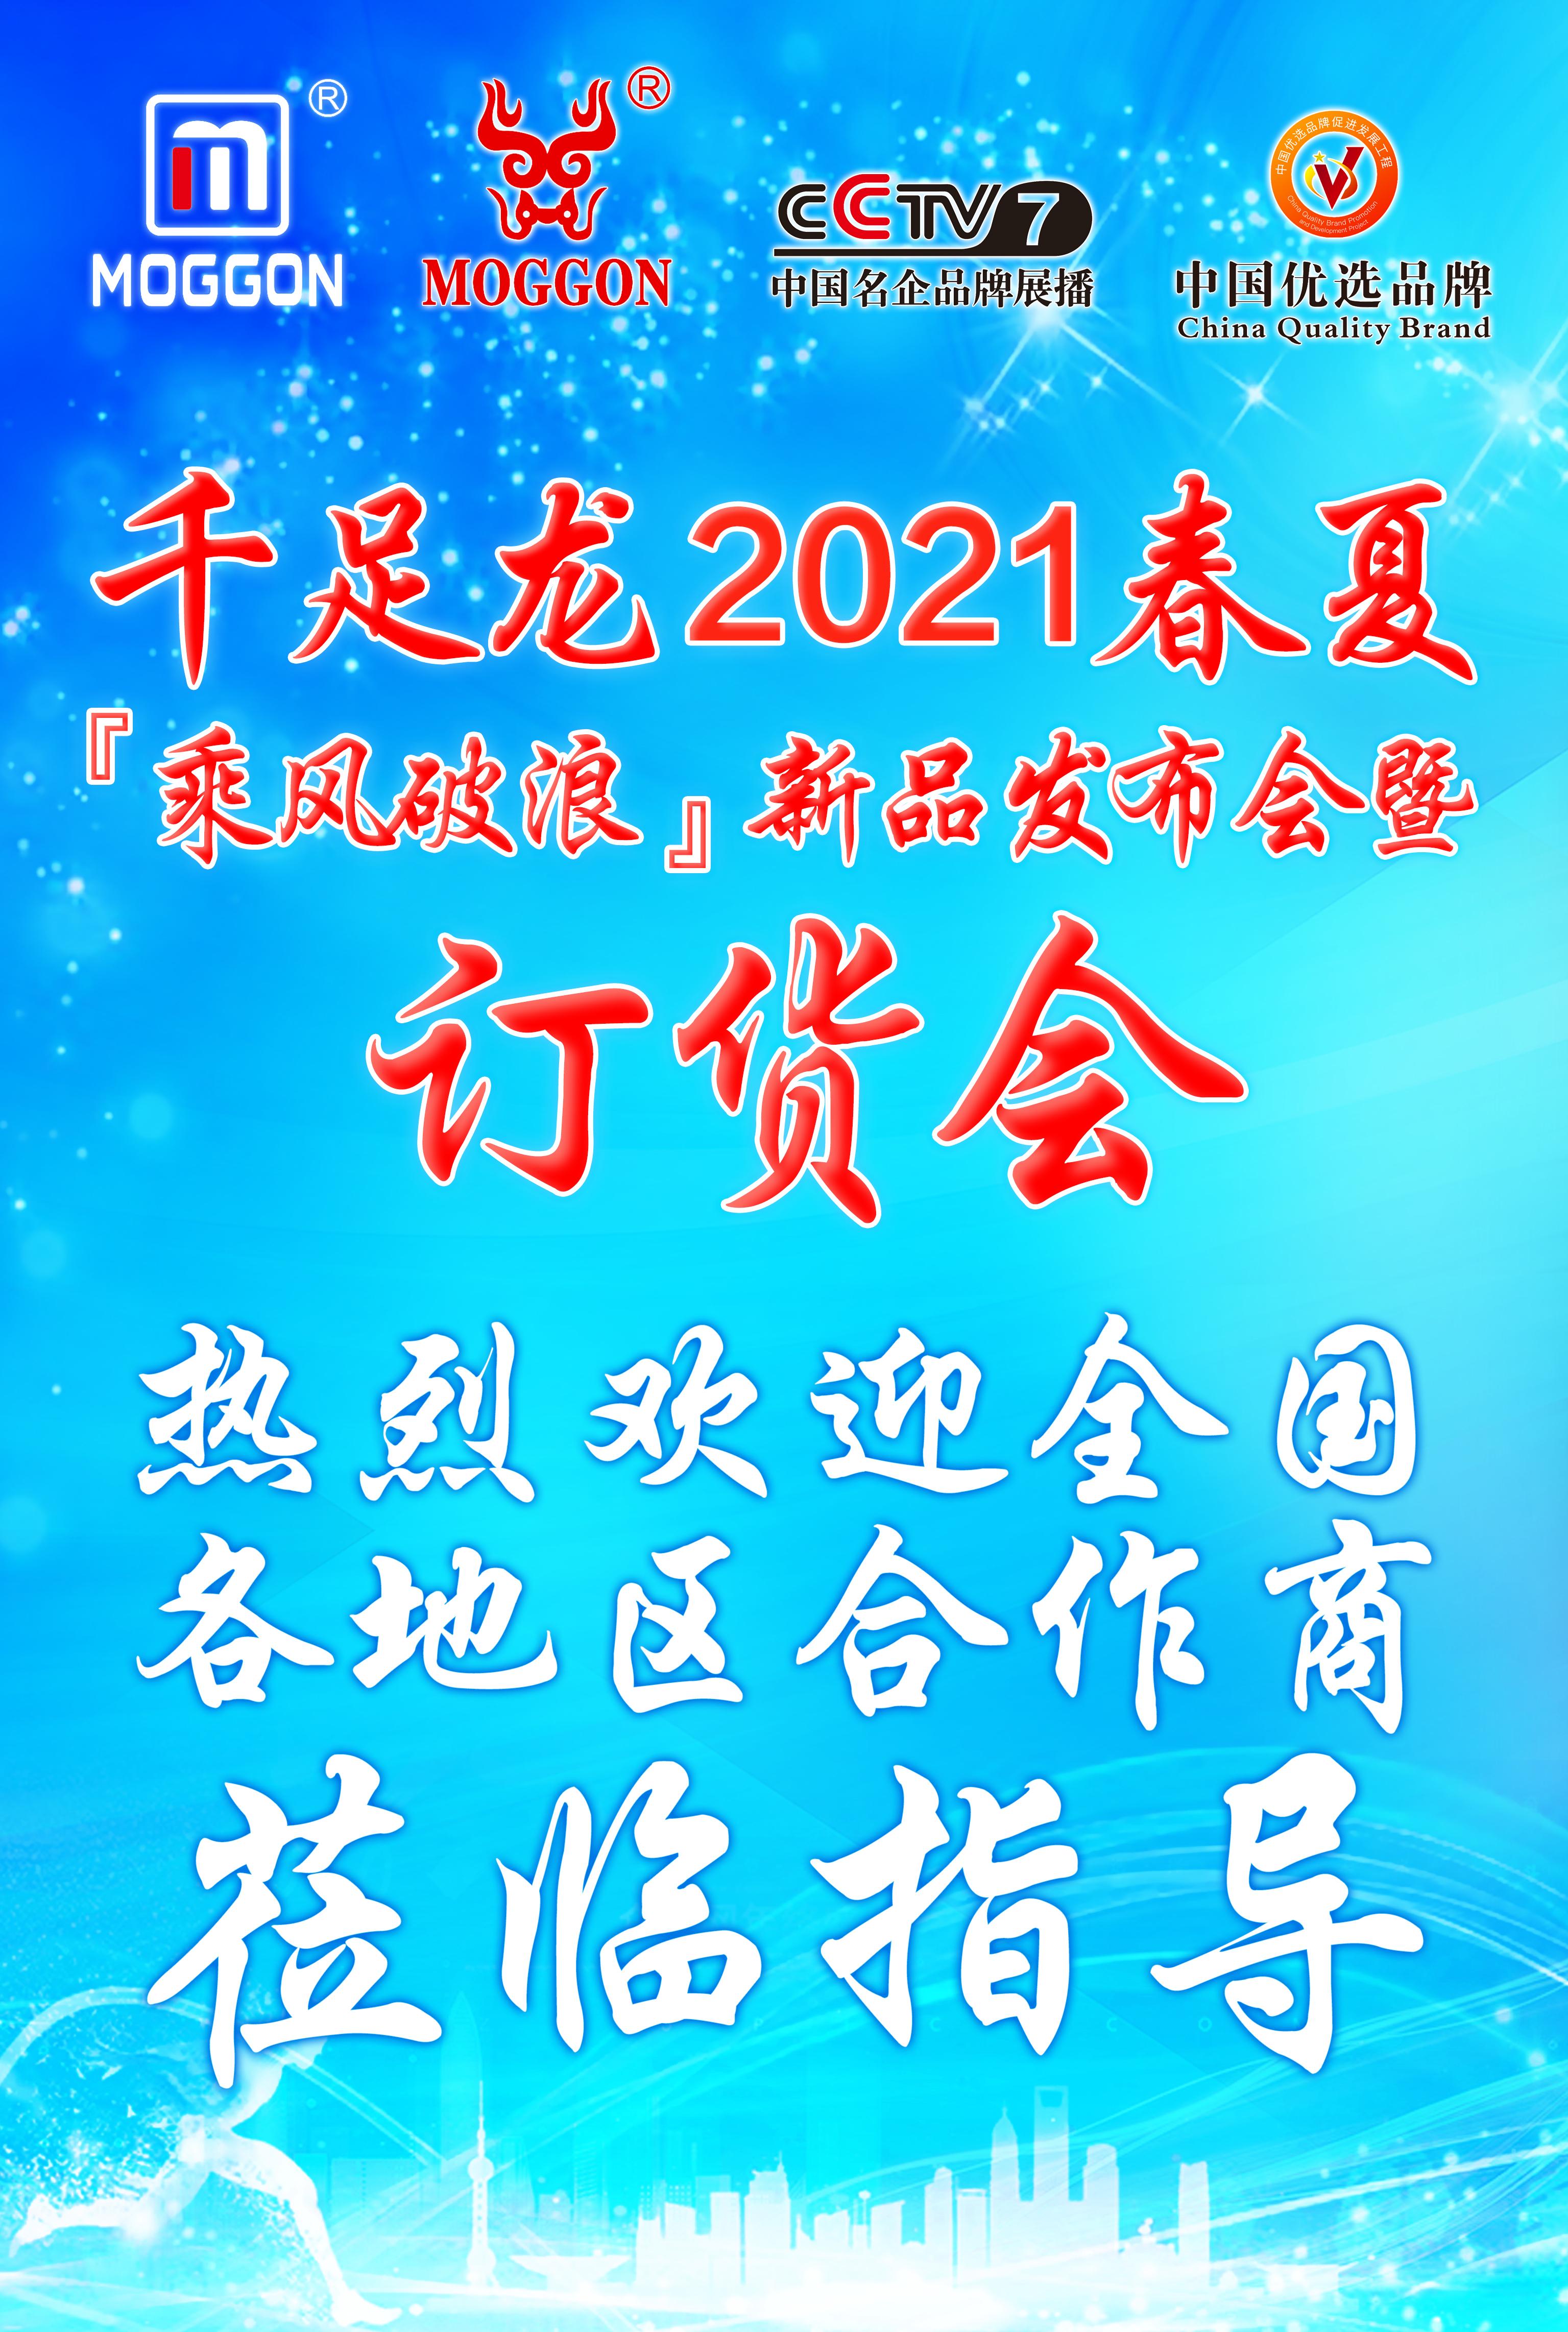 """热烈祝贺MOGGON千足龙服饰""""2021·乘风破浪""""春夏新品发布会暨订货会圆满成功!"""